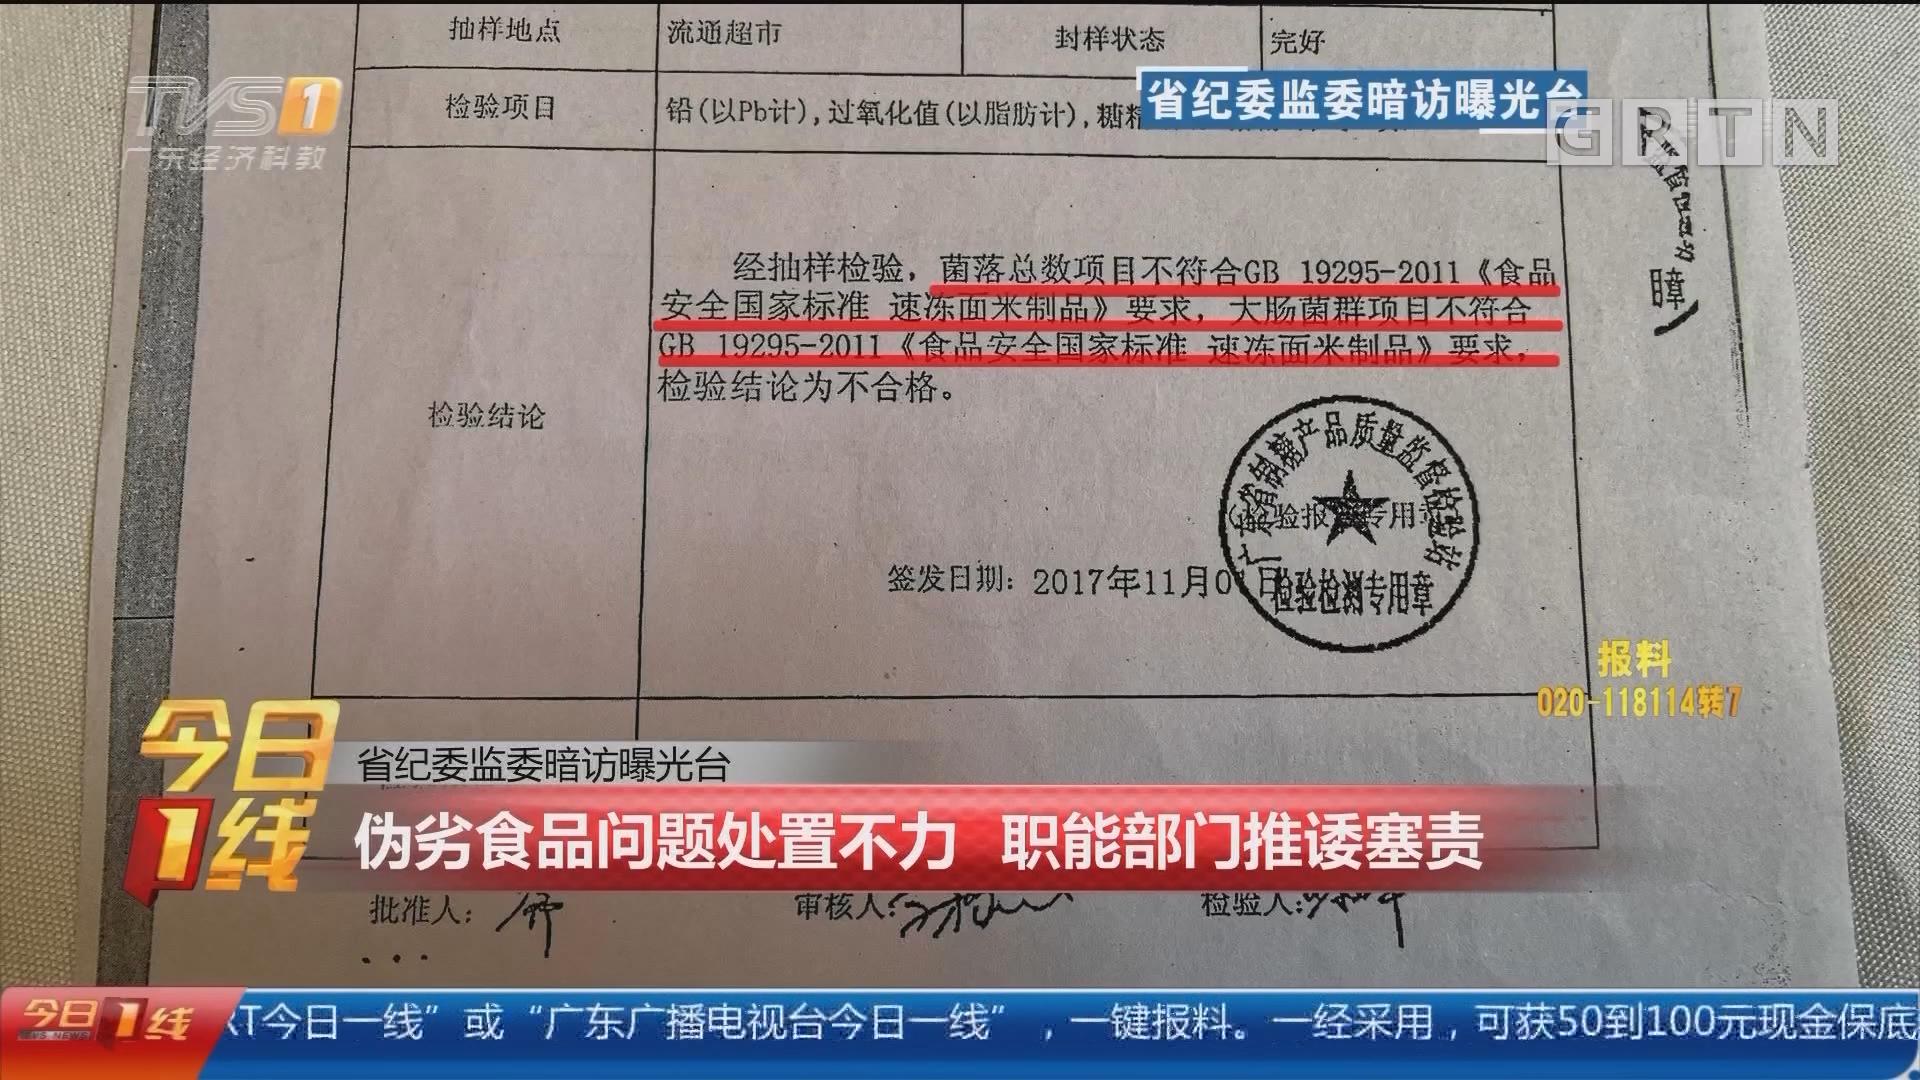 省纪委监委暗访曝光台:伪劣食品问题处置不力 职能部门推诿塞责